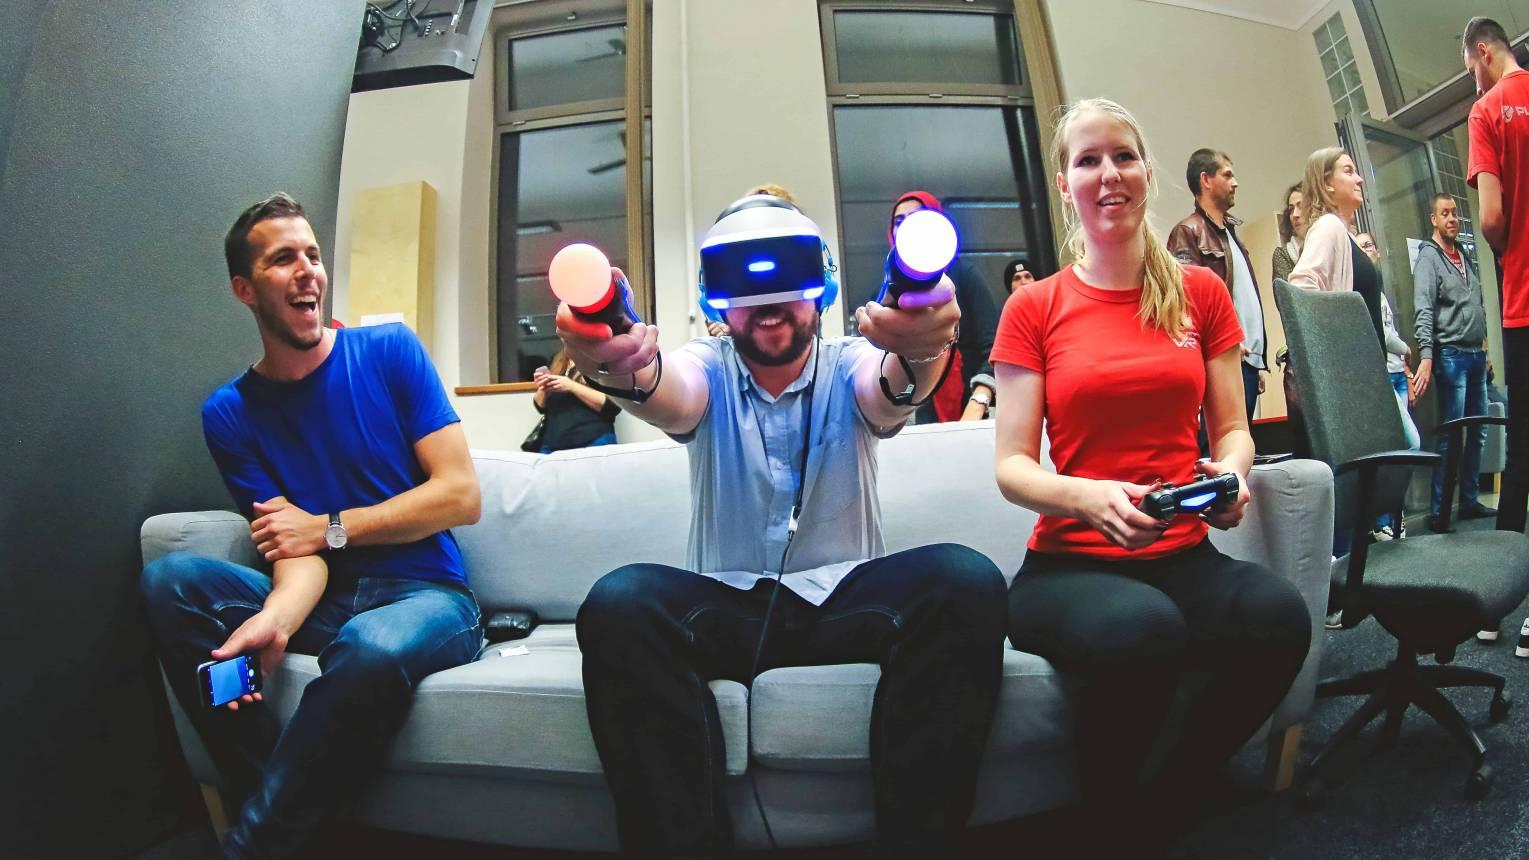 Legjobb céges bulin a Virtuális Valóságban zombira vadászhattok, egymás ellen küzdhettek csapatban